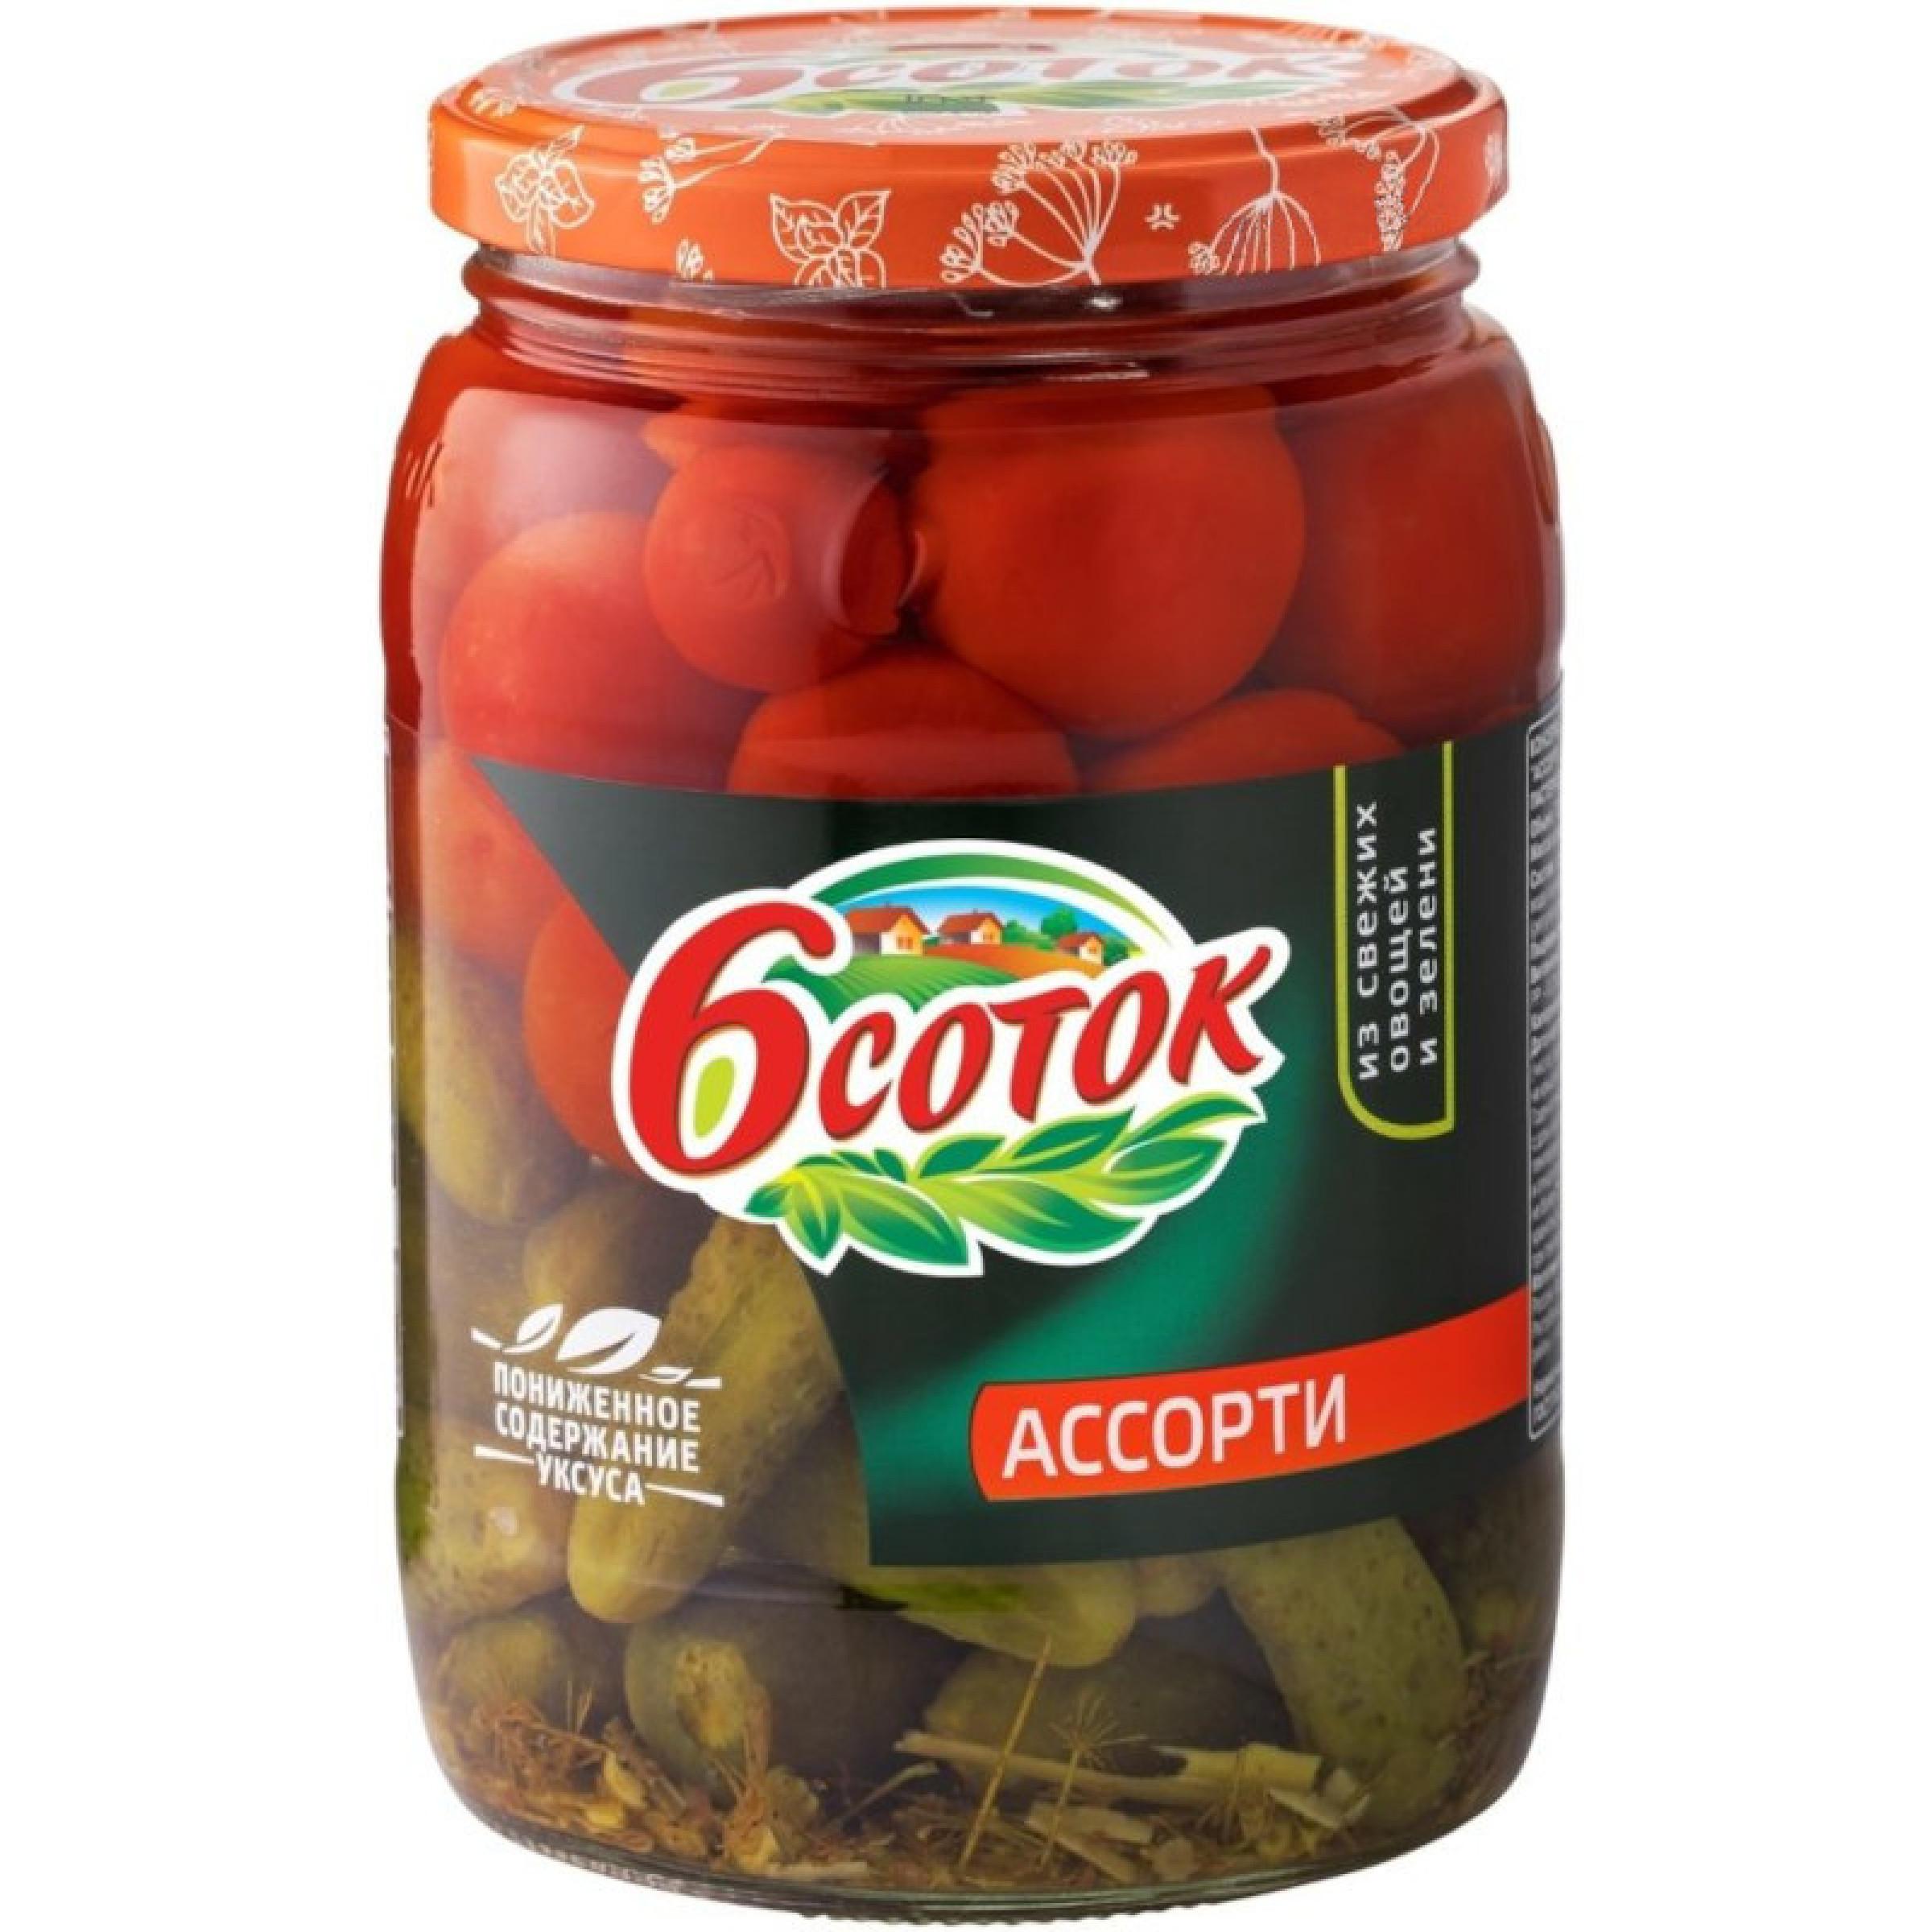 """Ассорти """"6 соток"""" маринованные томаты черри и корнишоны, 720 г"""